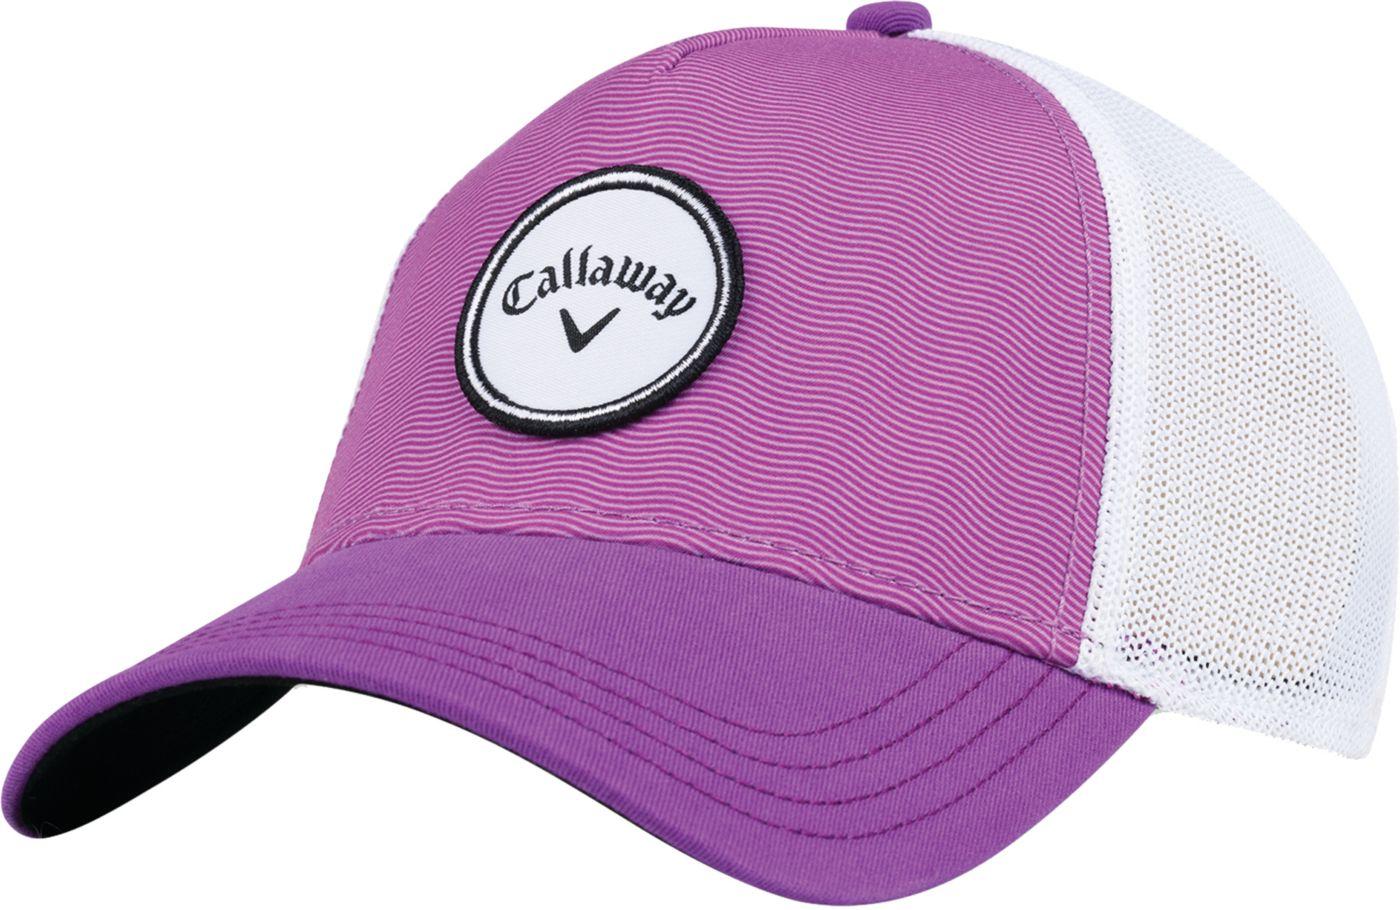 Callaway Women's CG Trucker Hat